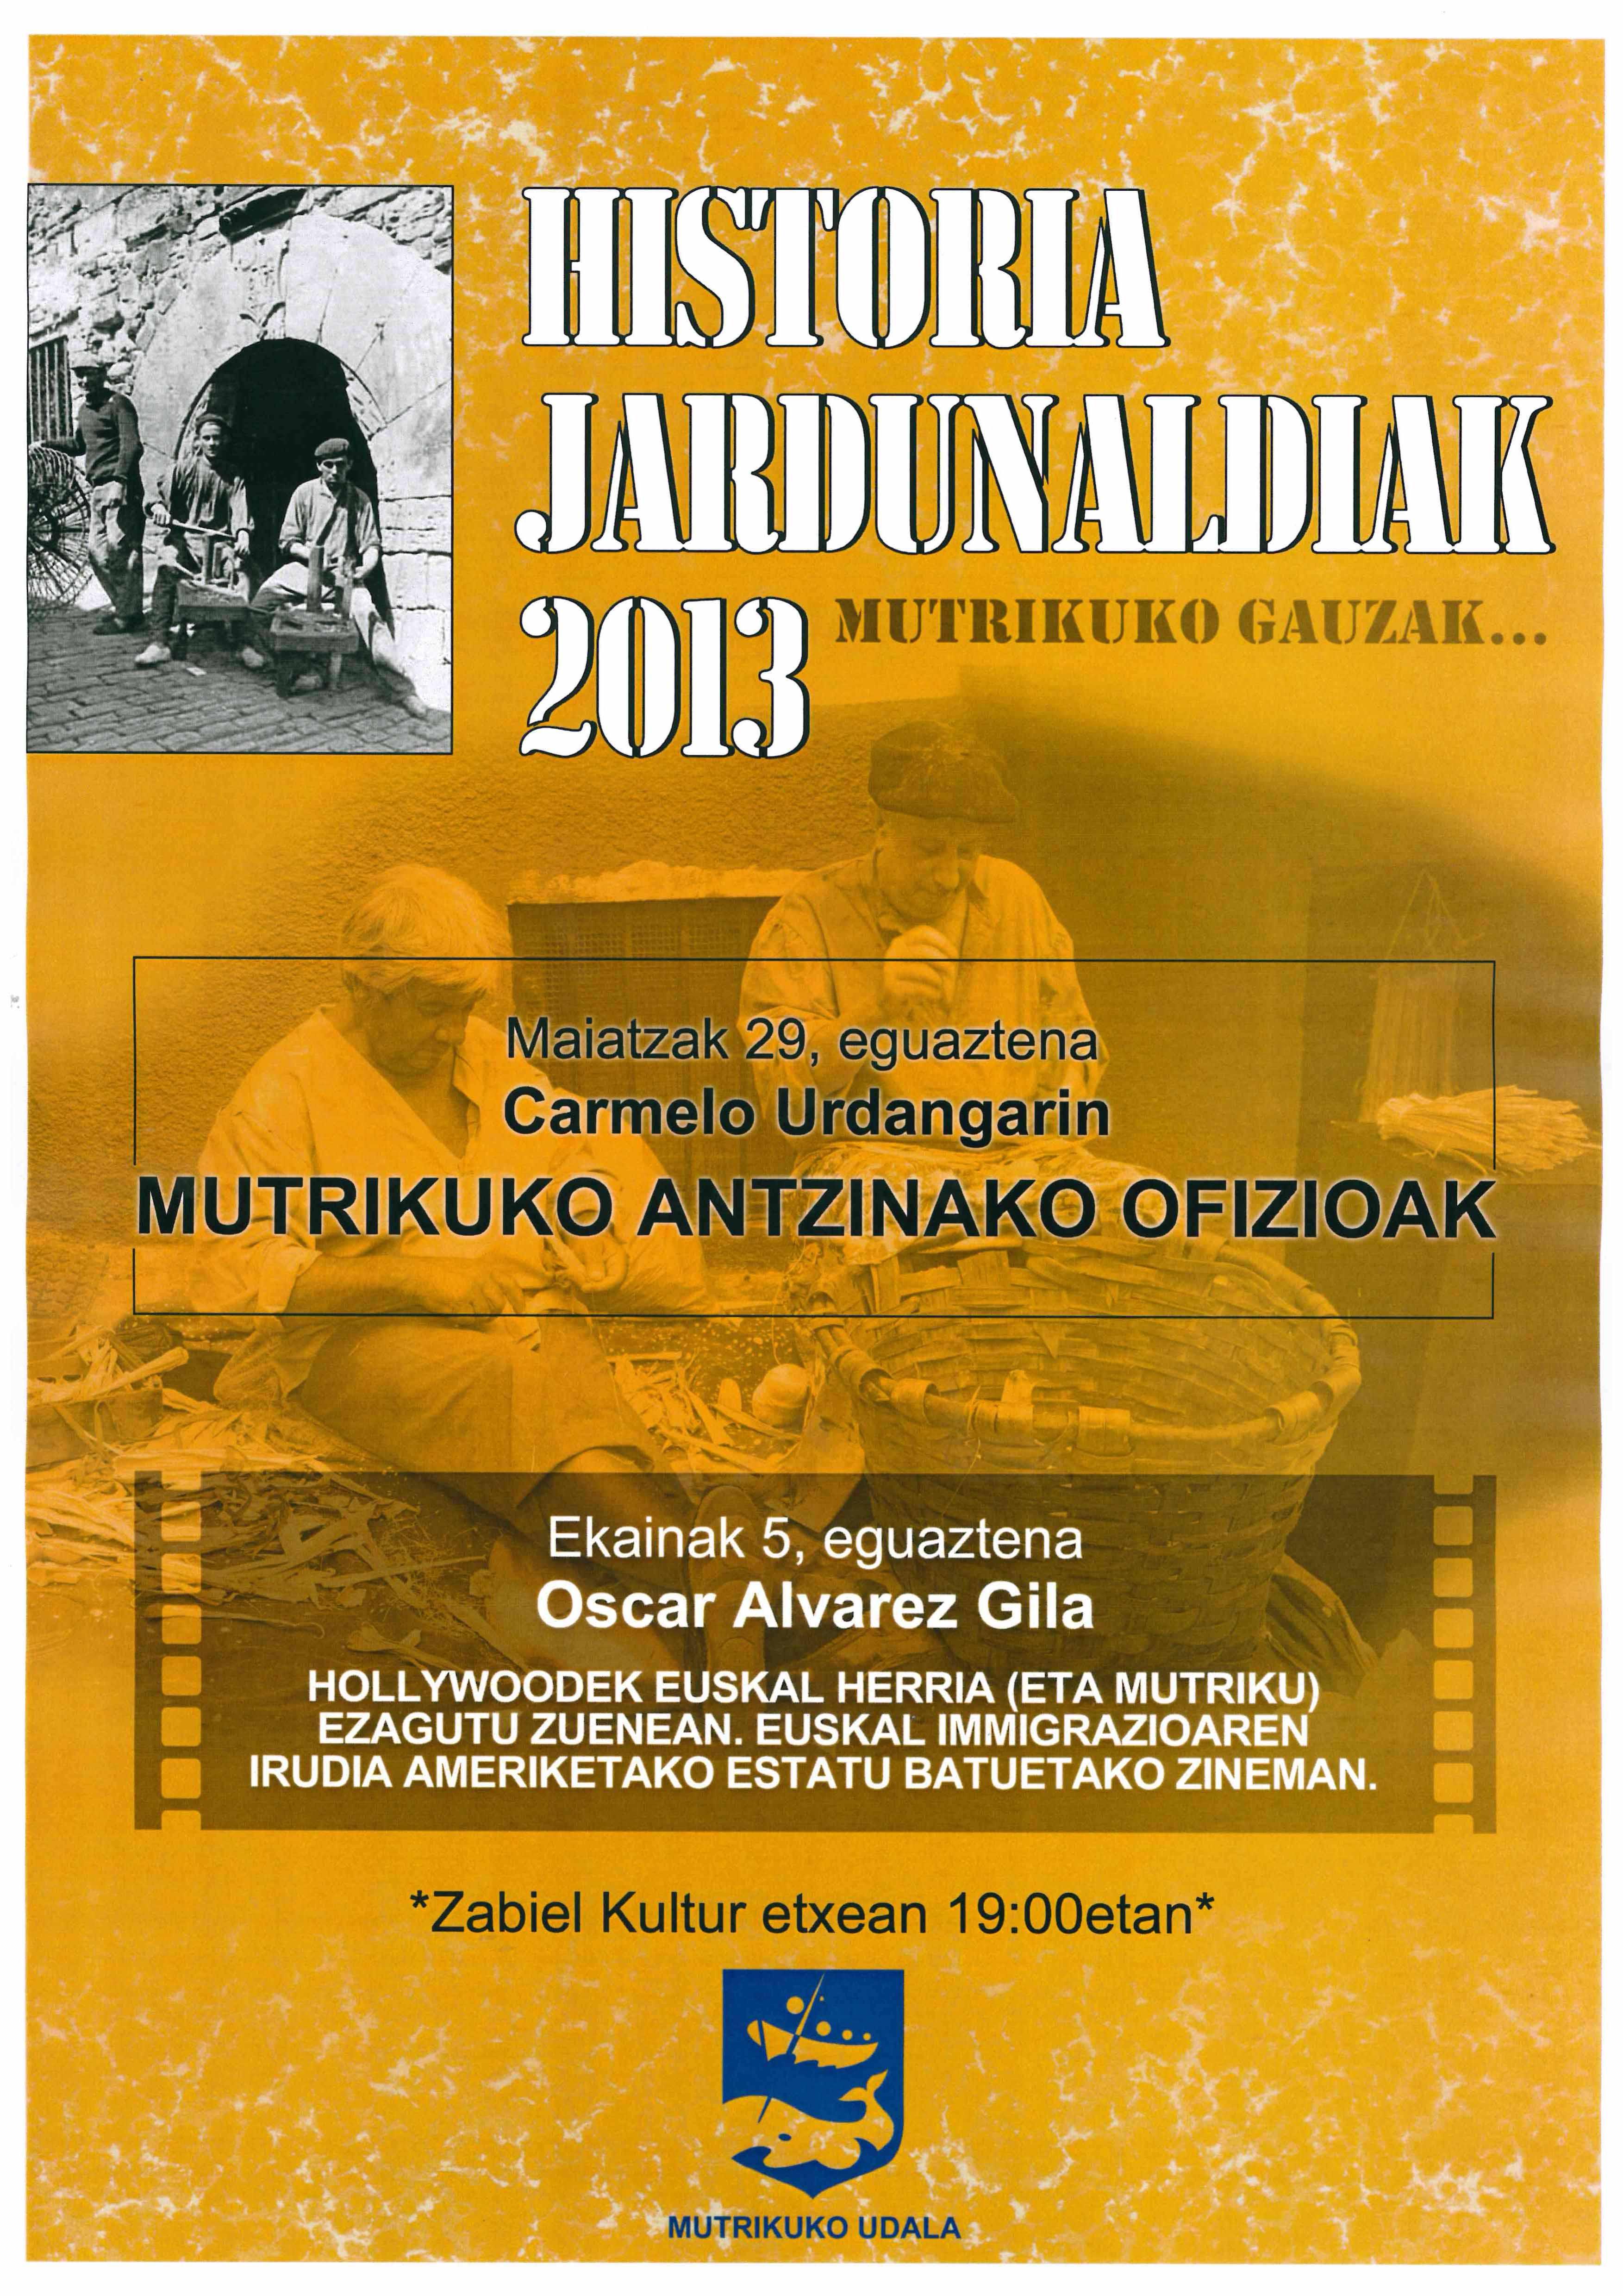 historia jardunaldiak 2013